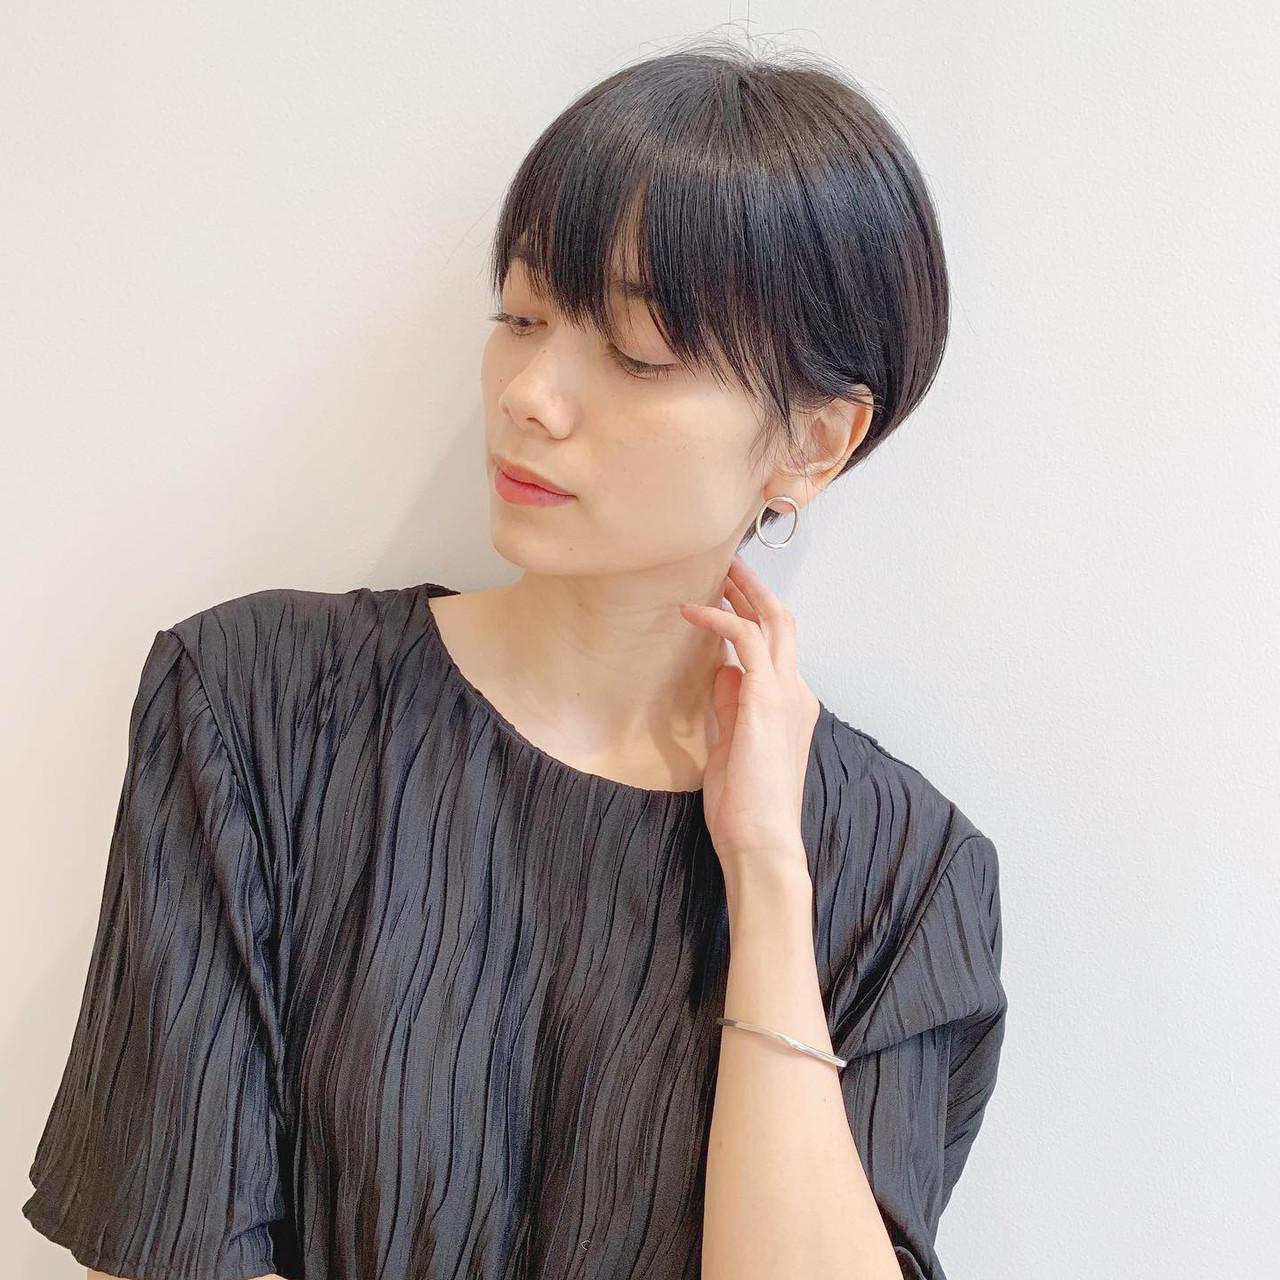 黒髪 アウトドア ショート オフィス ヘアスタイルや髪型の写真・画像 | ショートヘア美容師 #ナカイヒロキ / 『send by HAIR』